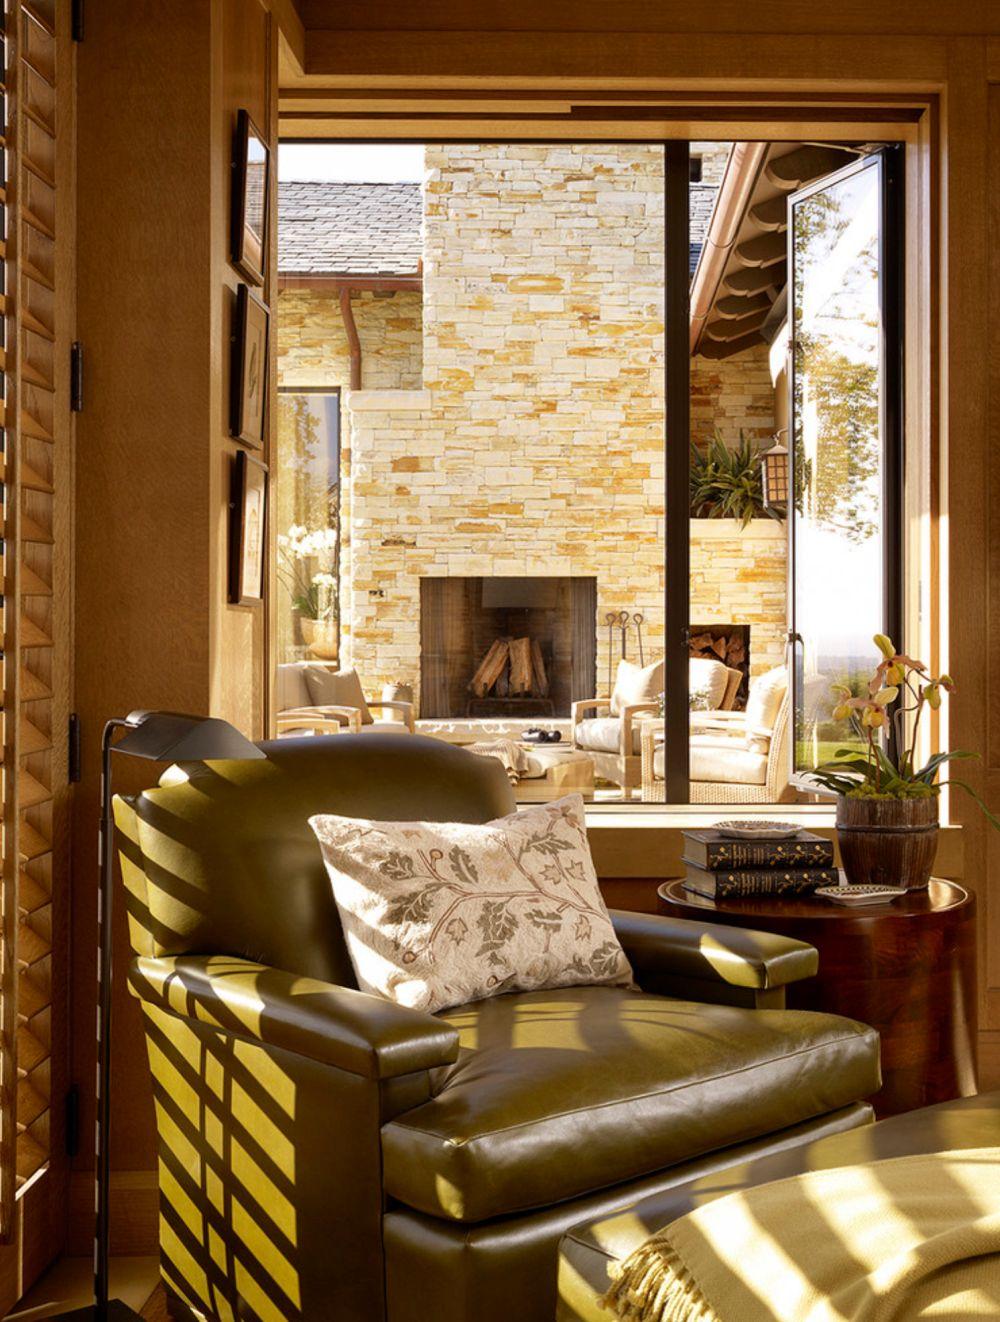 Când pe ferestre se vede decorul de la exterior, toate atenția este concentrată în afară și atunci cumva interiorul vine doar să completeze imaginea de pe terasă prin nuanțe și texturi.